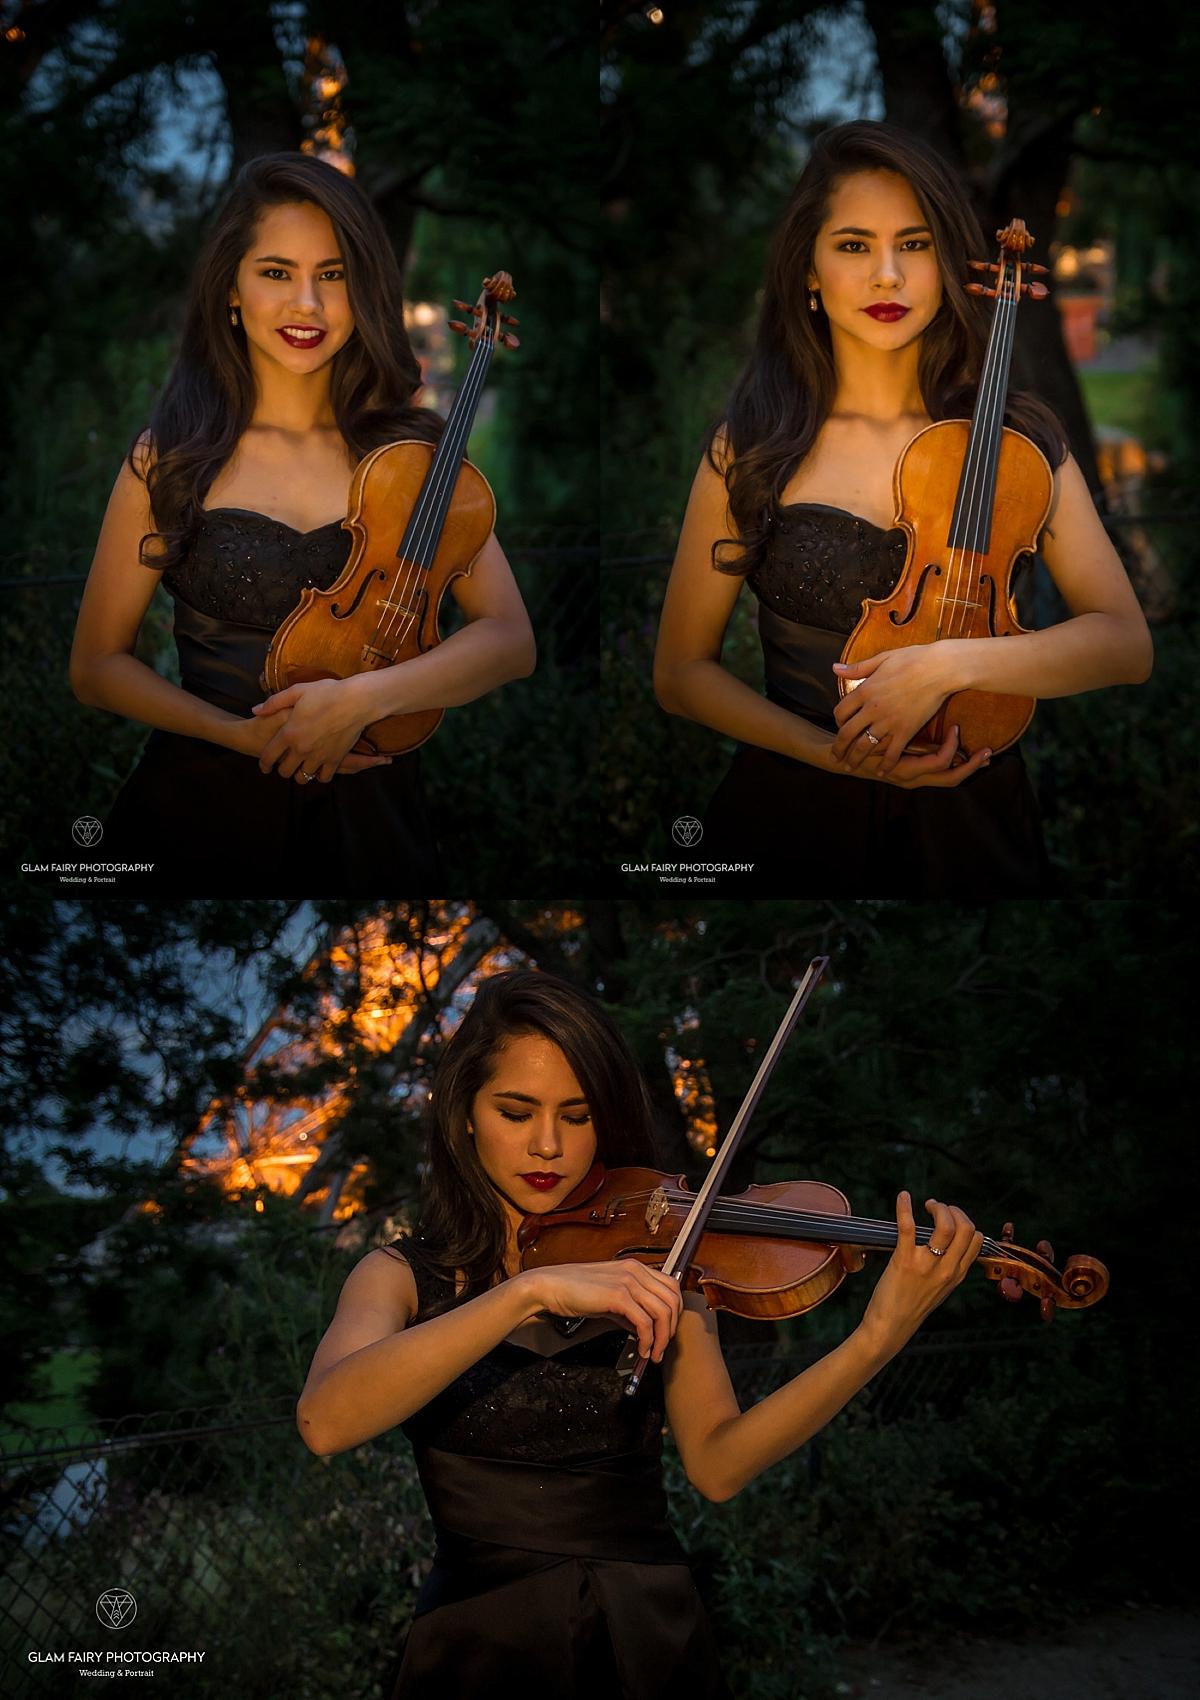 GlamFairyPhotography-seance-portrait-femme-violoniste-paris-michelle_0014